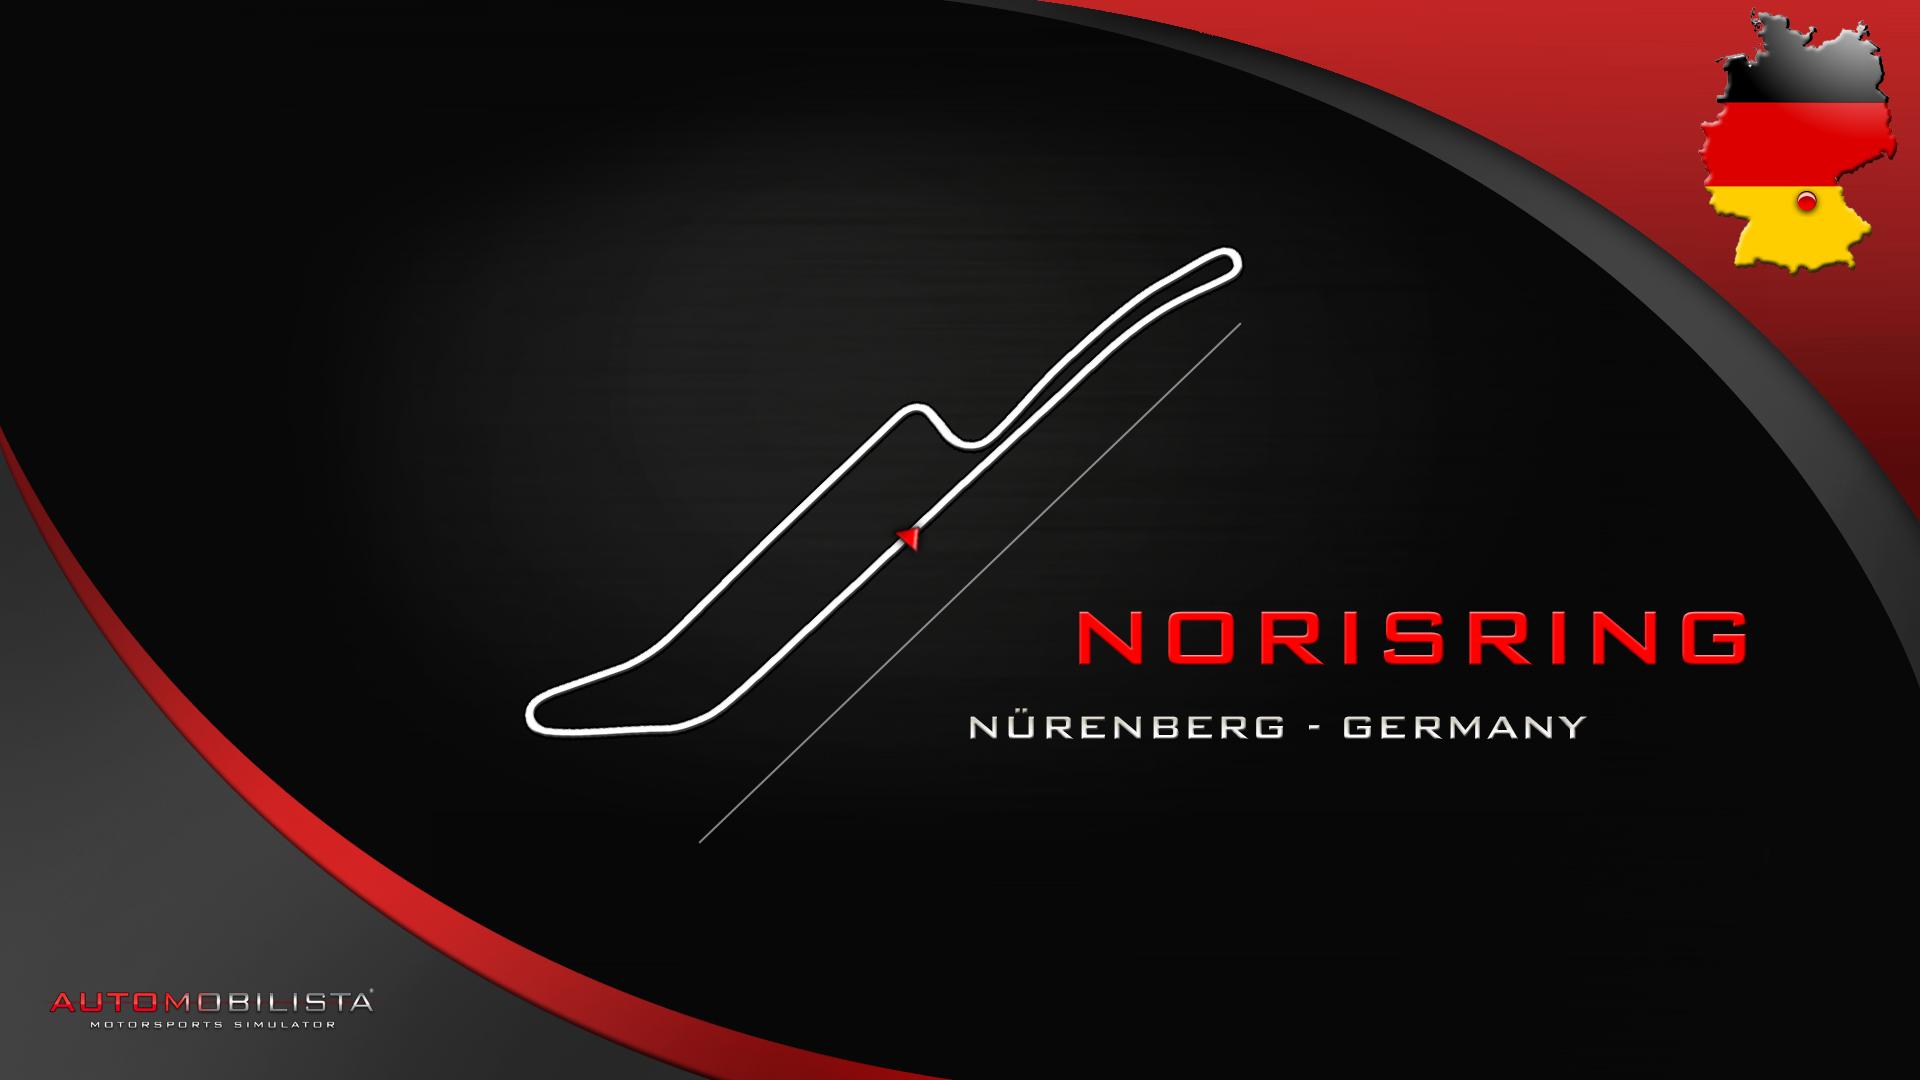 Norisring_loading.jpg